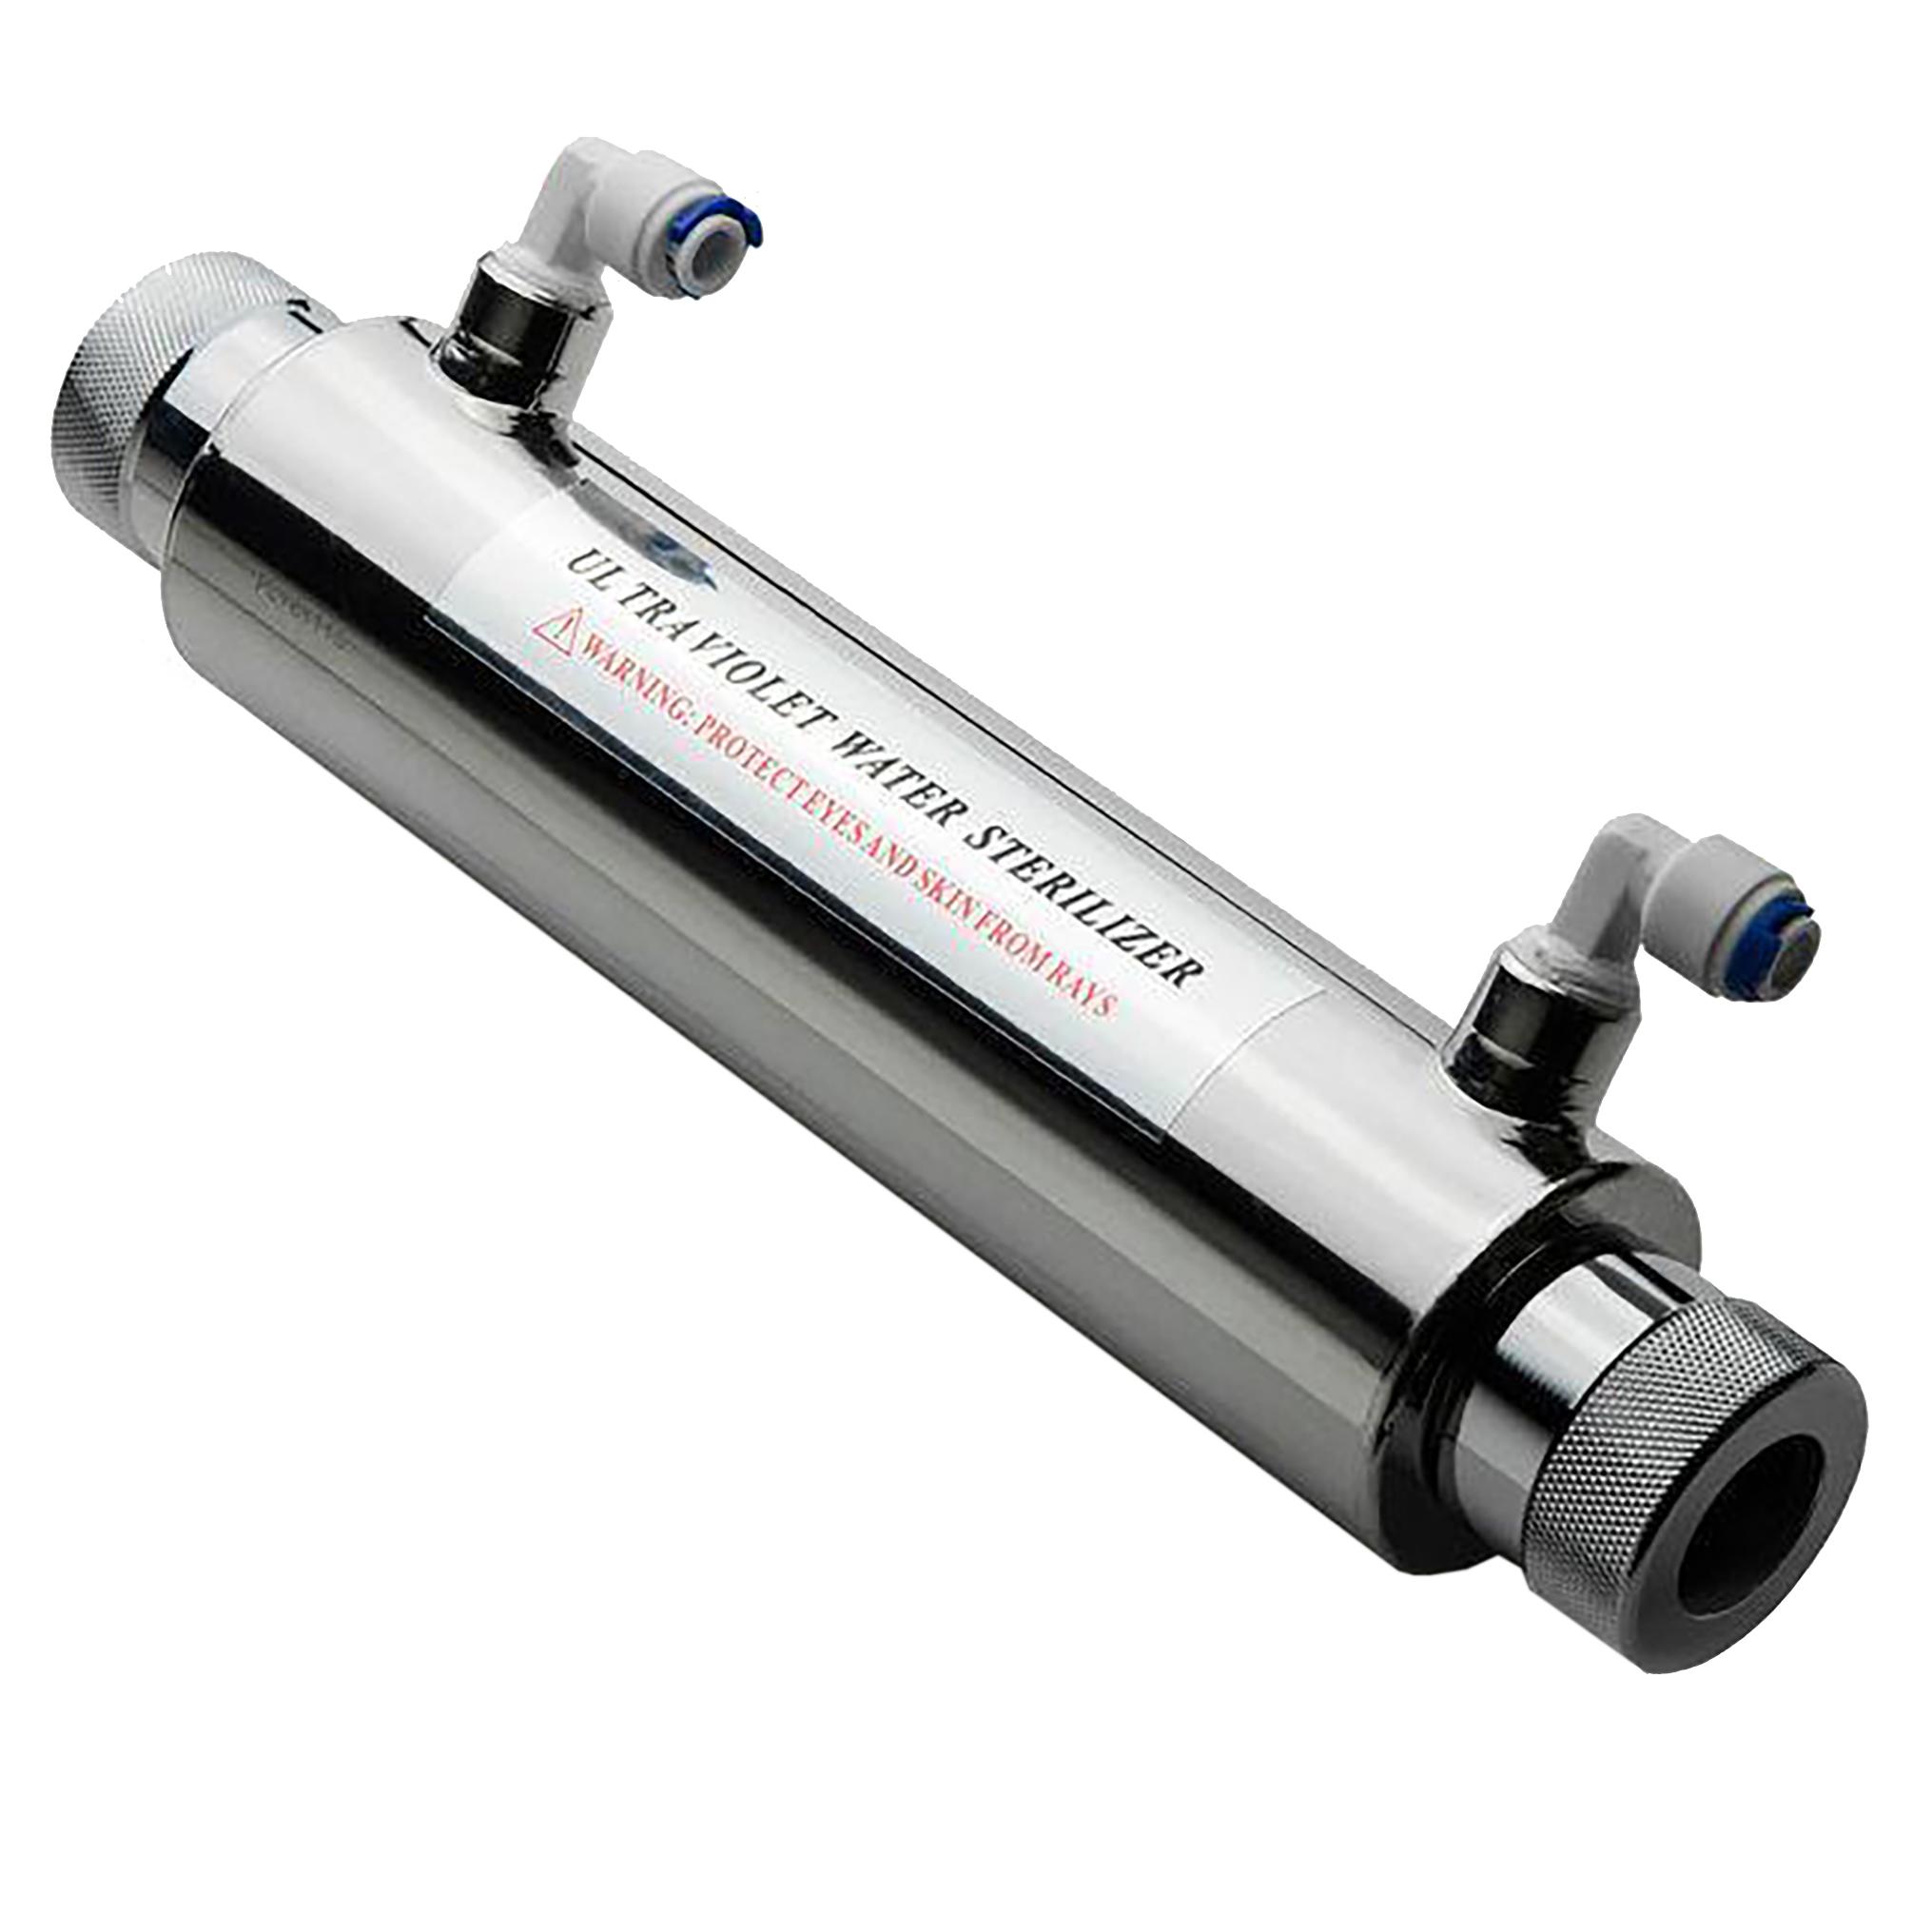 فیلتر دستگاه تصفیه کننده آب خانگی مدل الترا ویولت